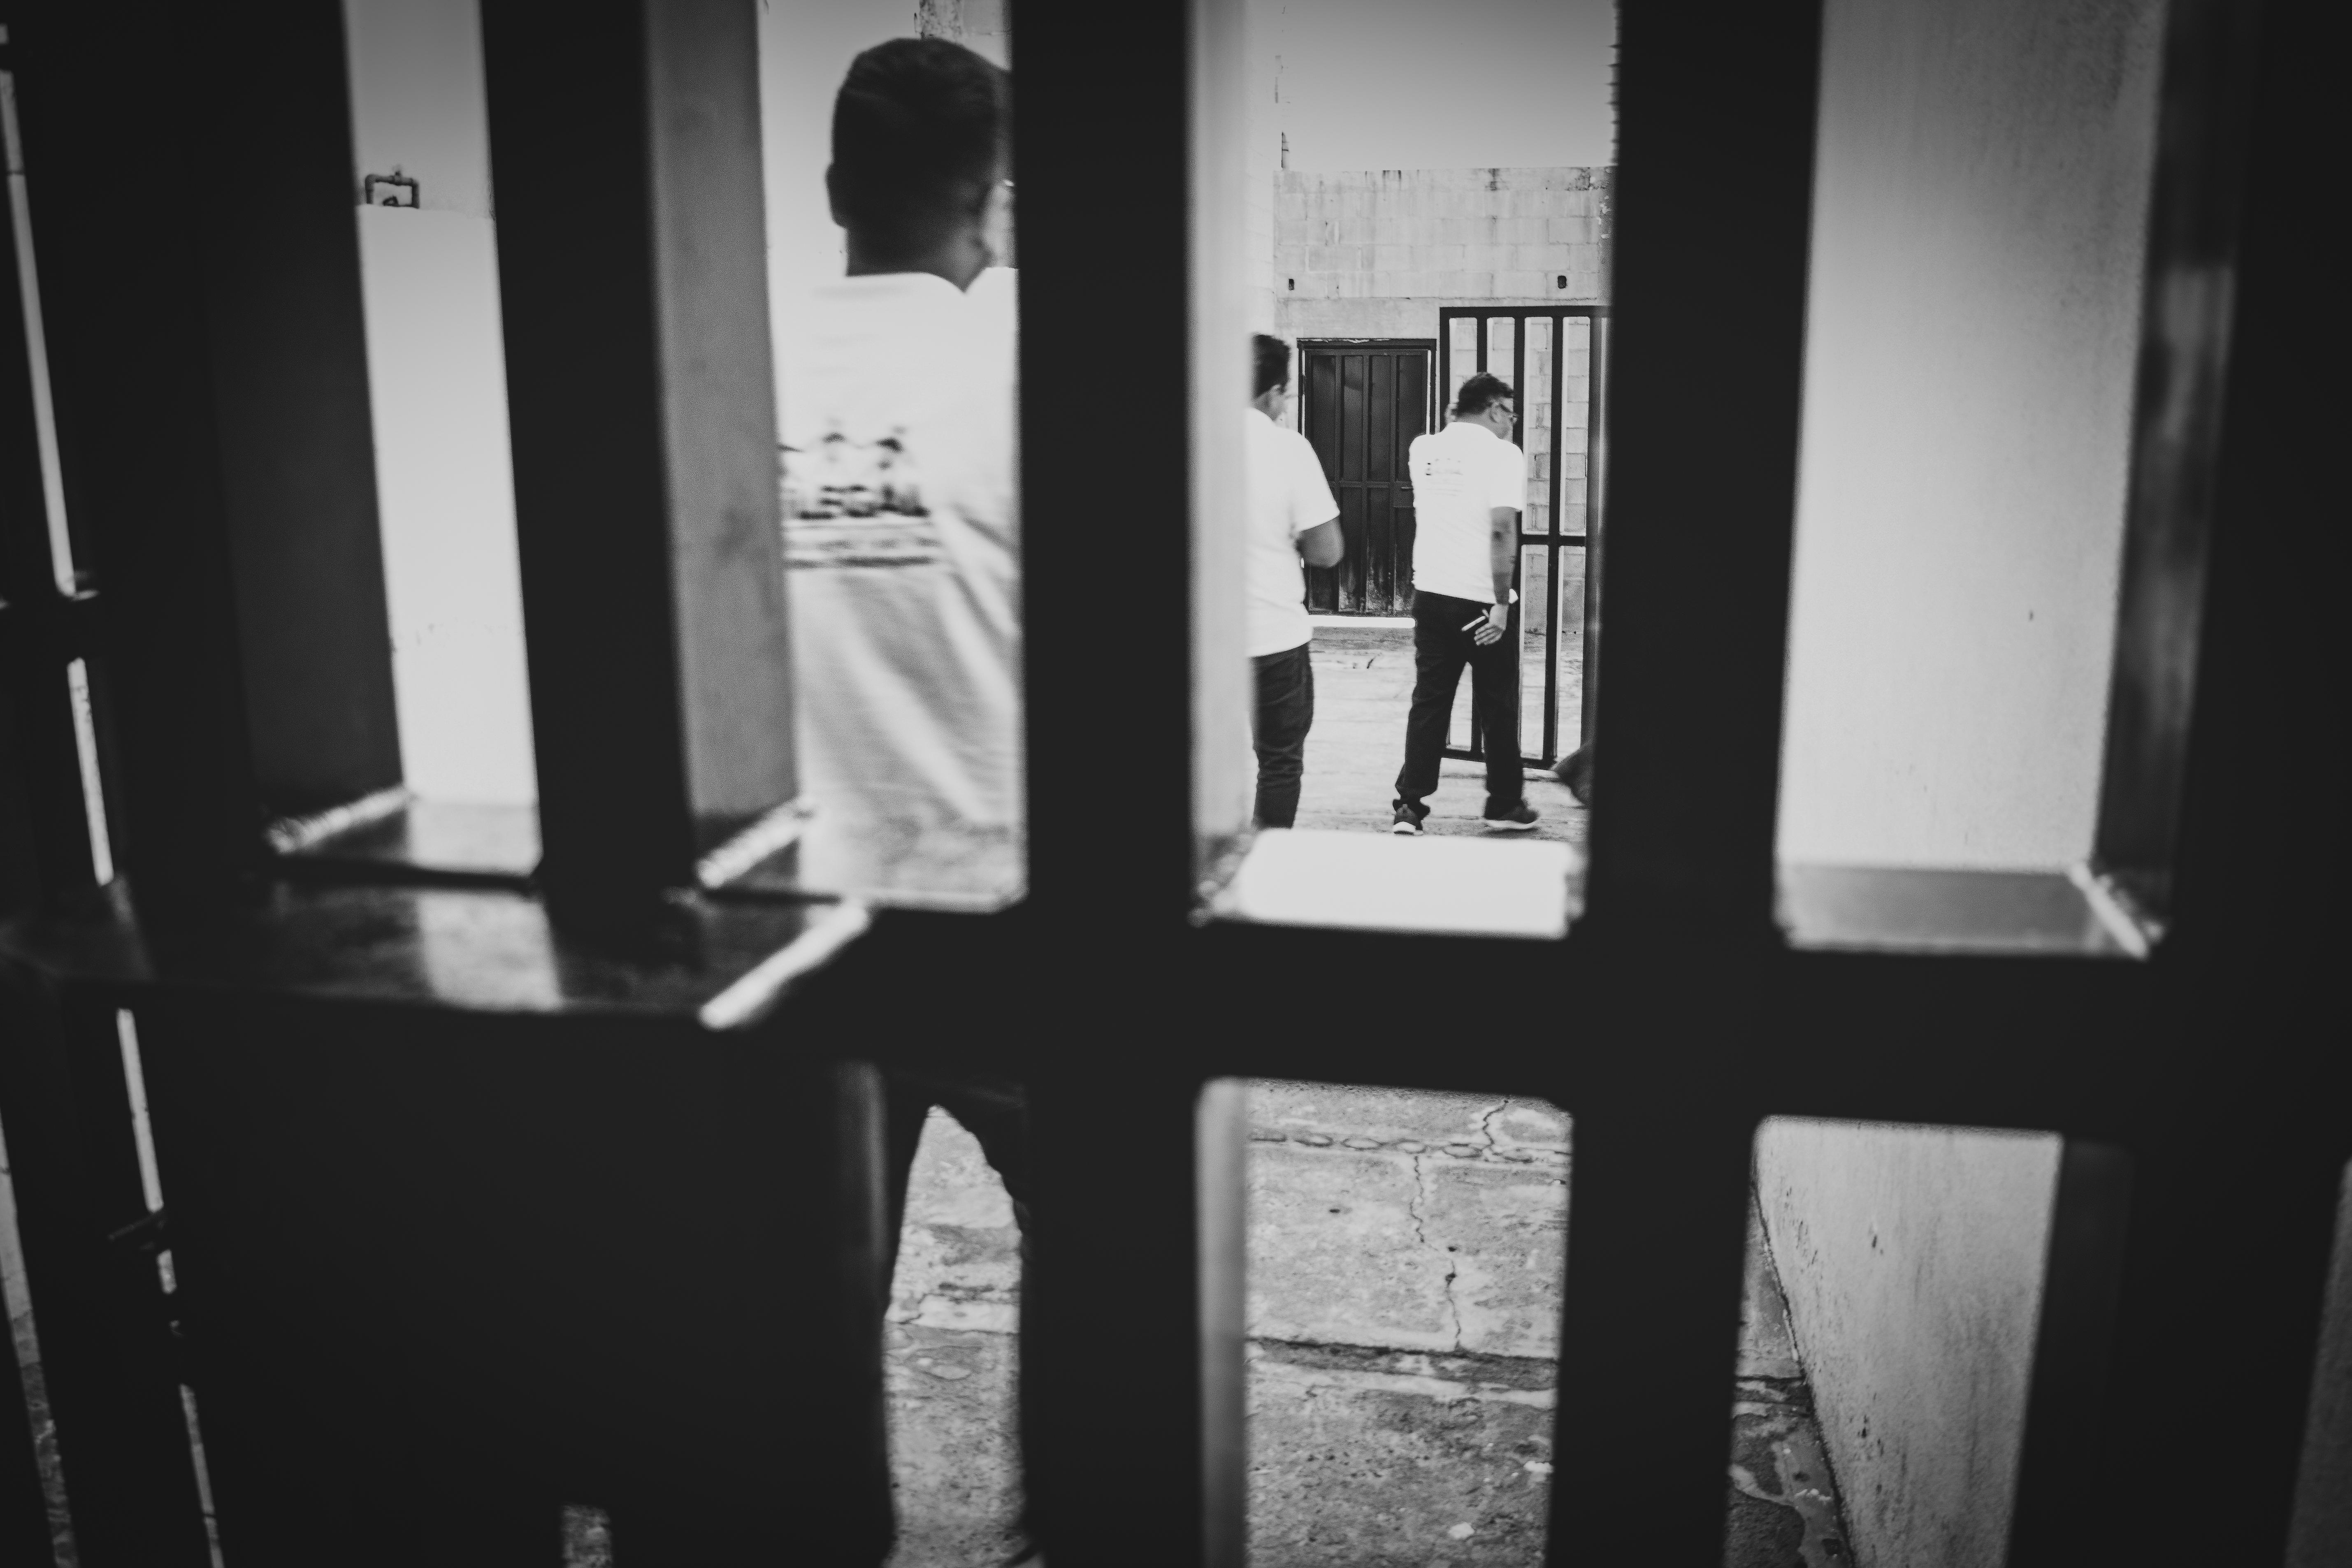 La pandemia dentro del sistema penitenciario se agudiza: 1100 contagios